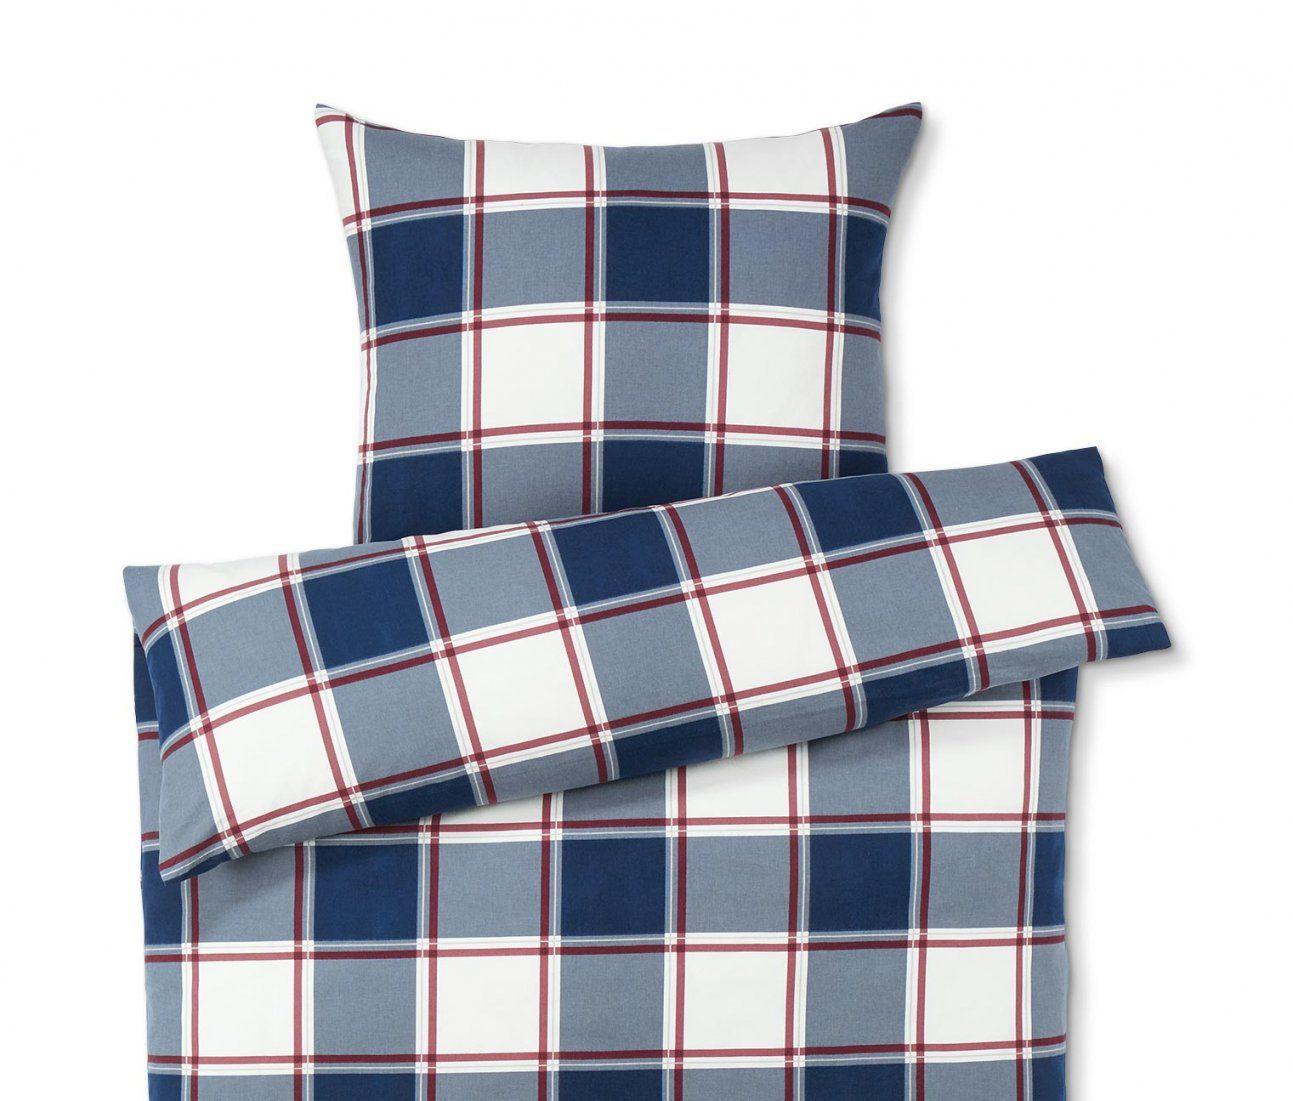 Biberbettwäsche Übergröße Online Bestellen Bei Tchibo 332108 von Bettwäsche 155X220 Tchibo Bild